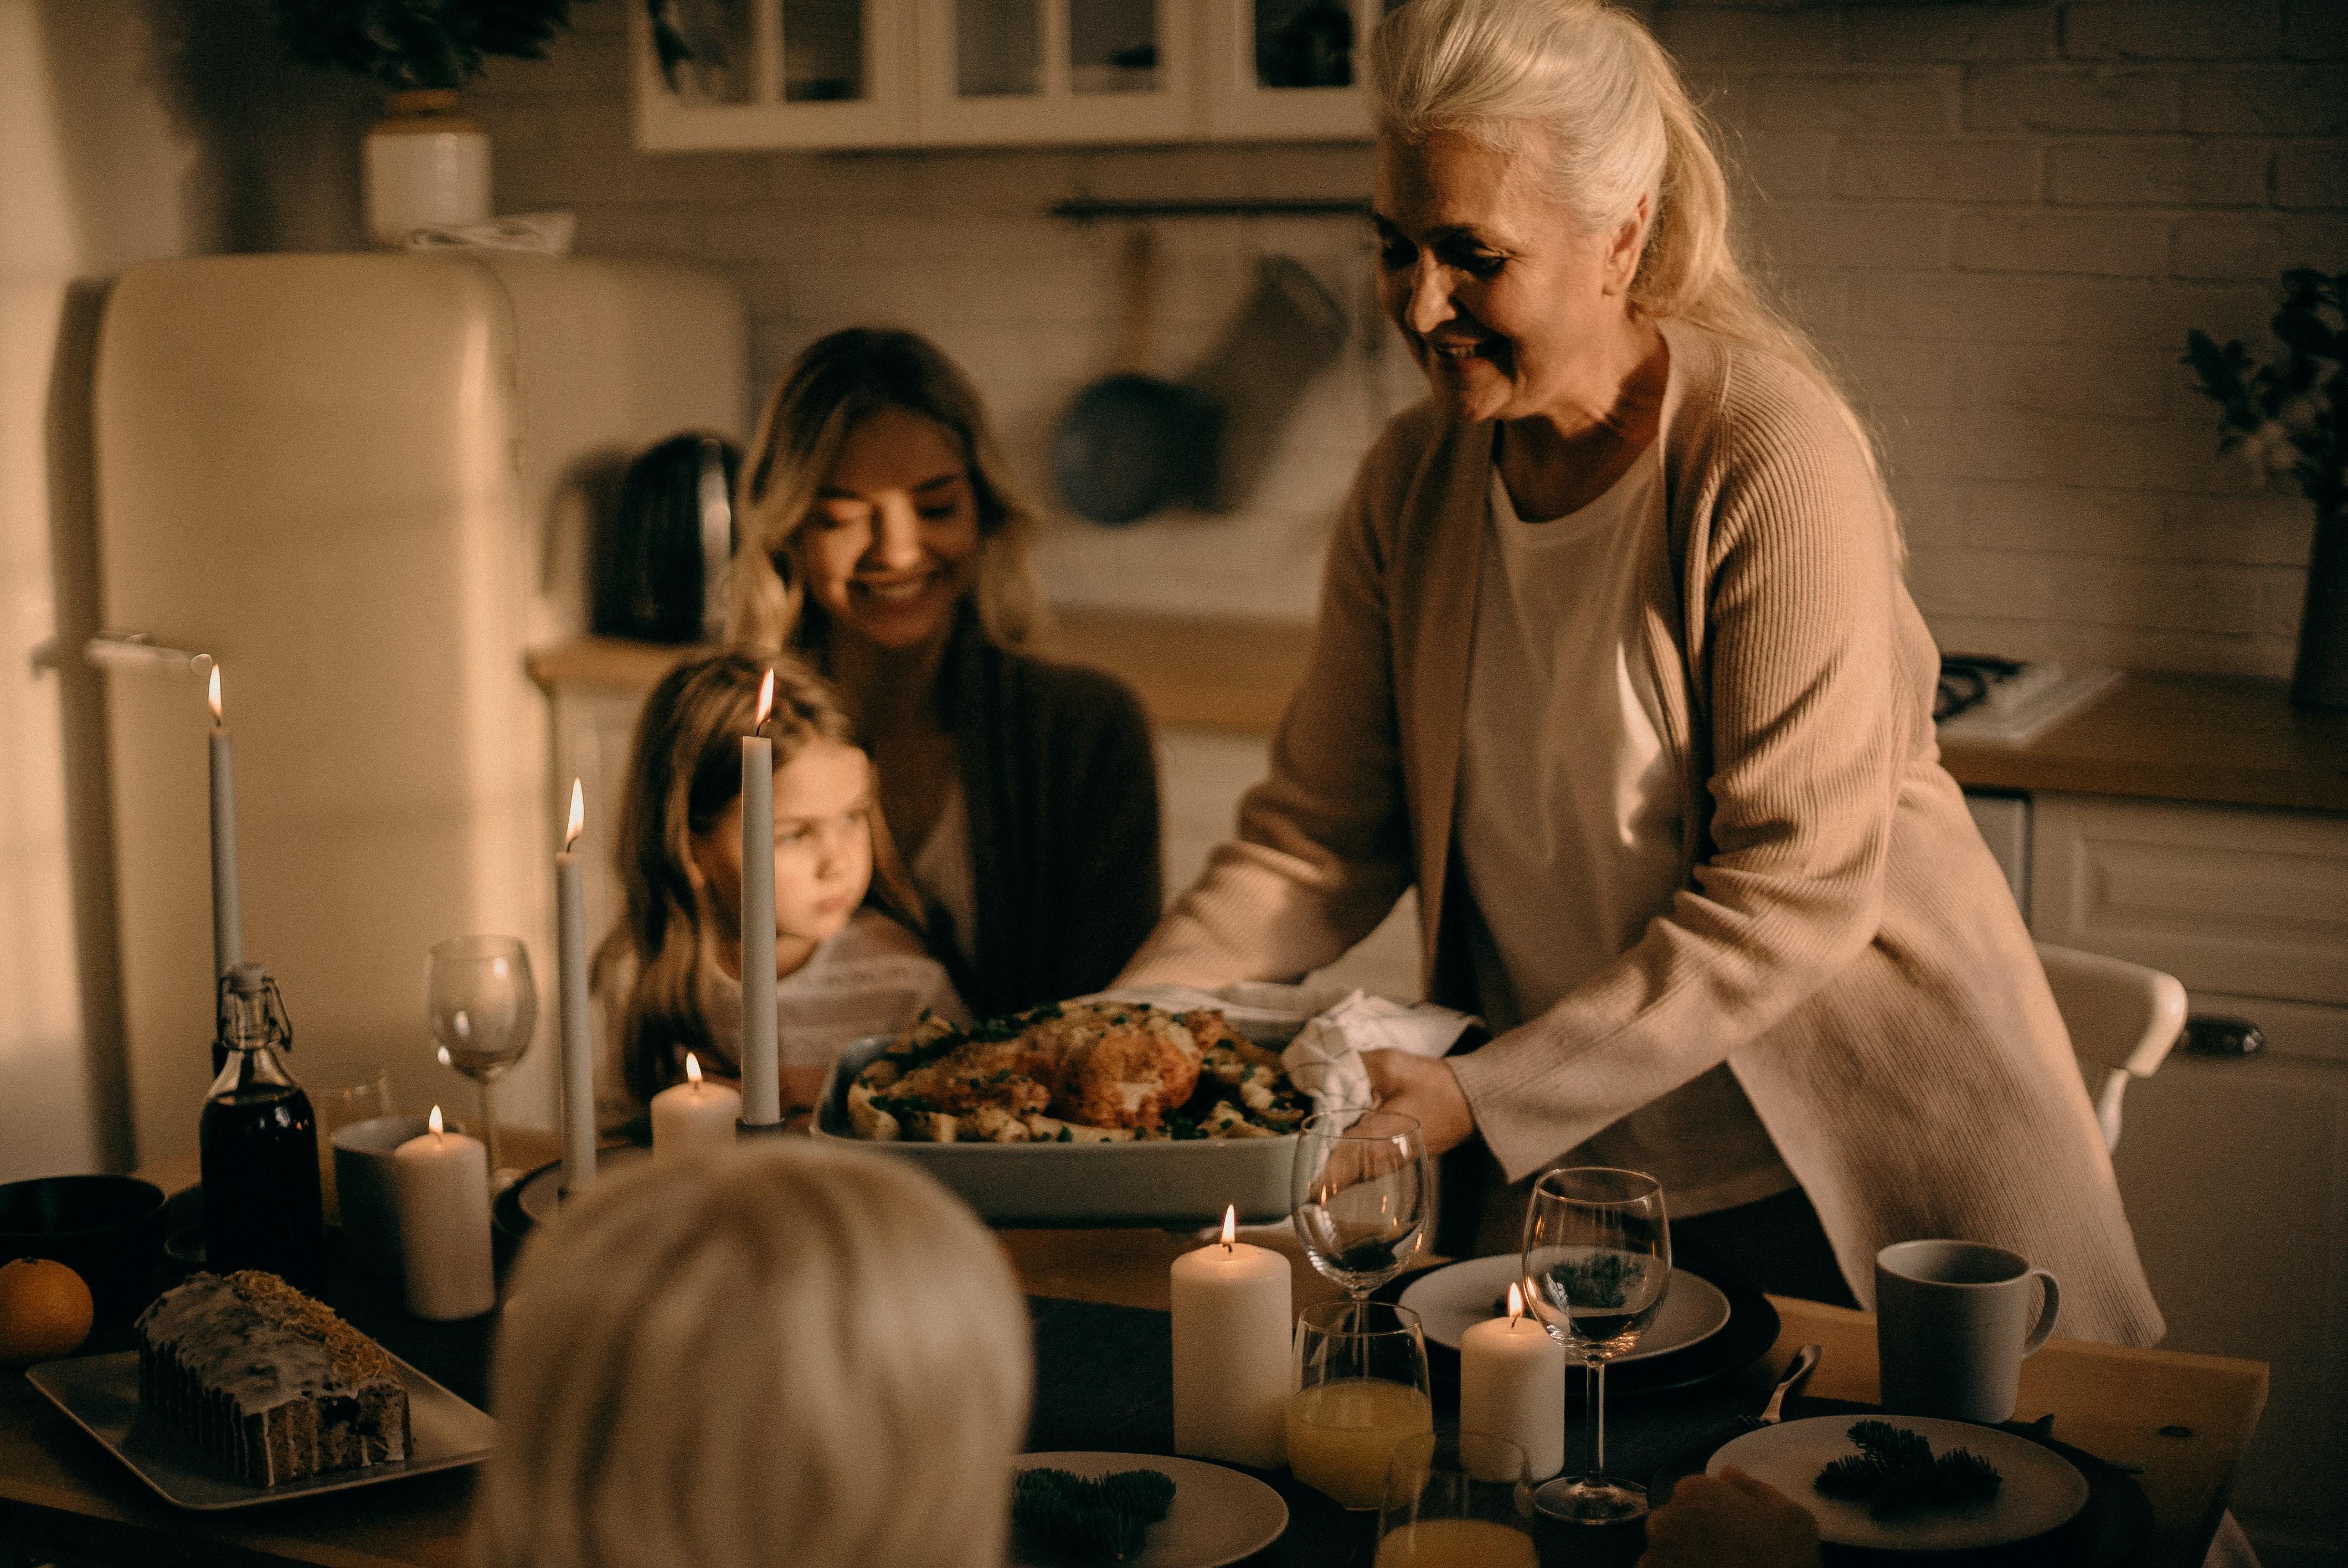 Sécurité dans la cuisine: avez-vous pensé à tout ?